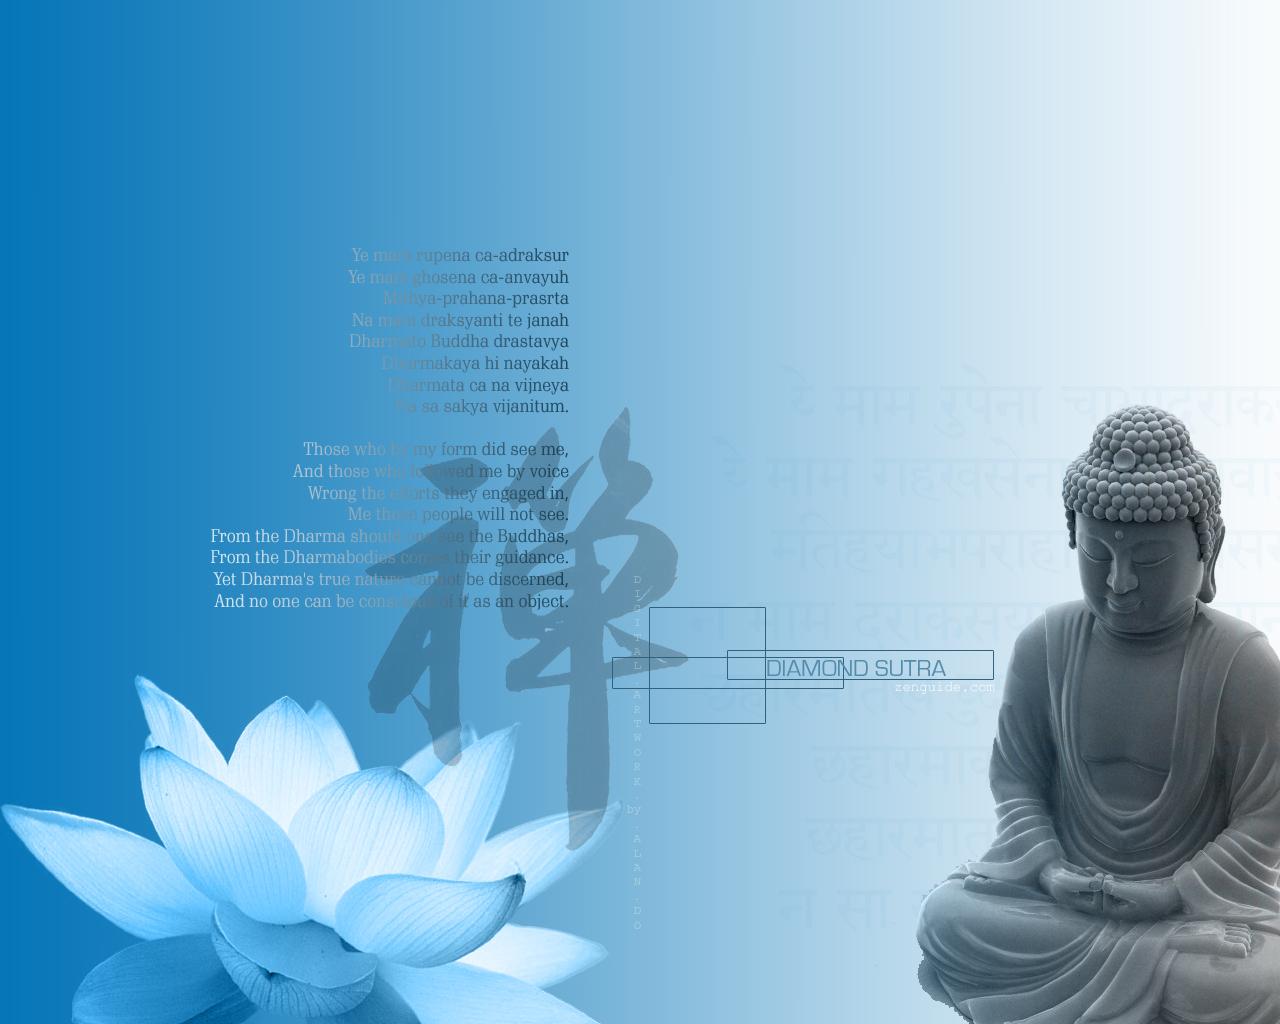 Blue lotus buddha diamond sutra quote buddha on the wall httpsbuddhaonthewallleswordpress200906blue lotus buddha diamond sutra quote1280 1g mightylinksfo Choice Image